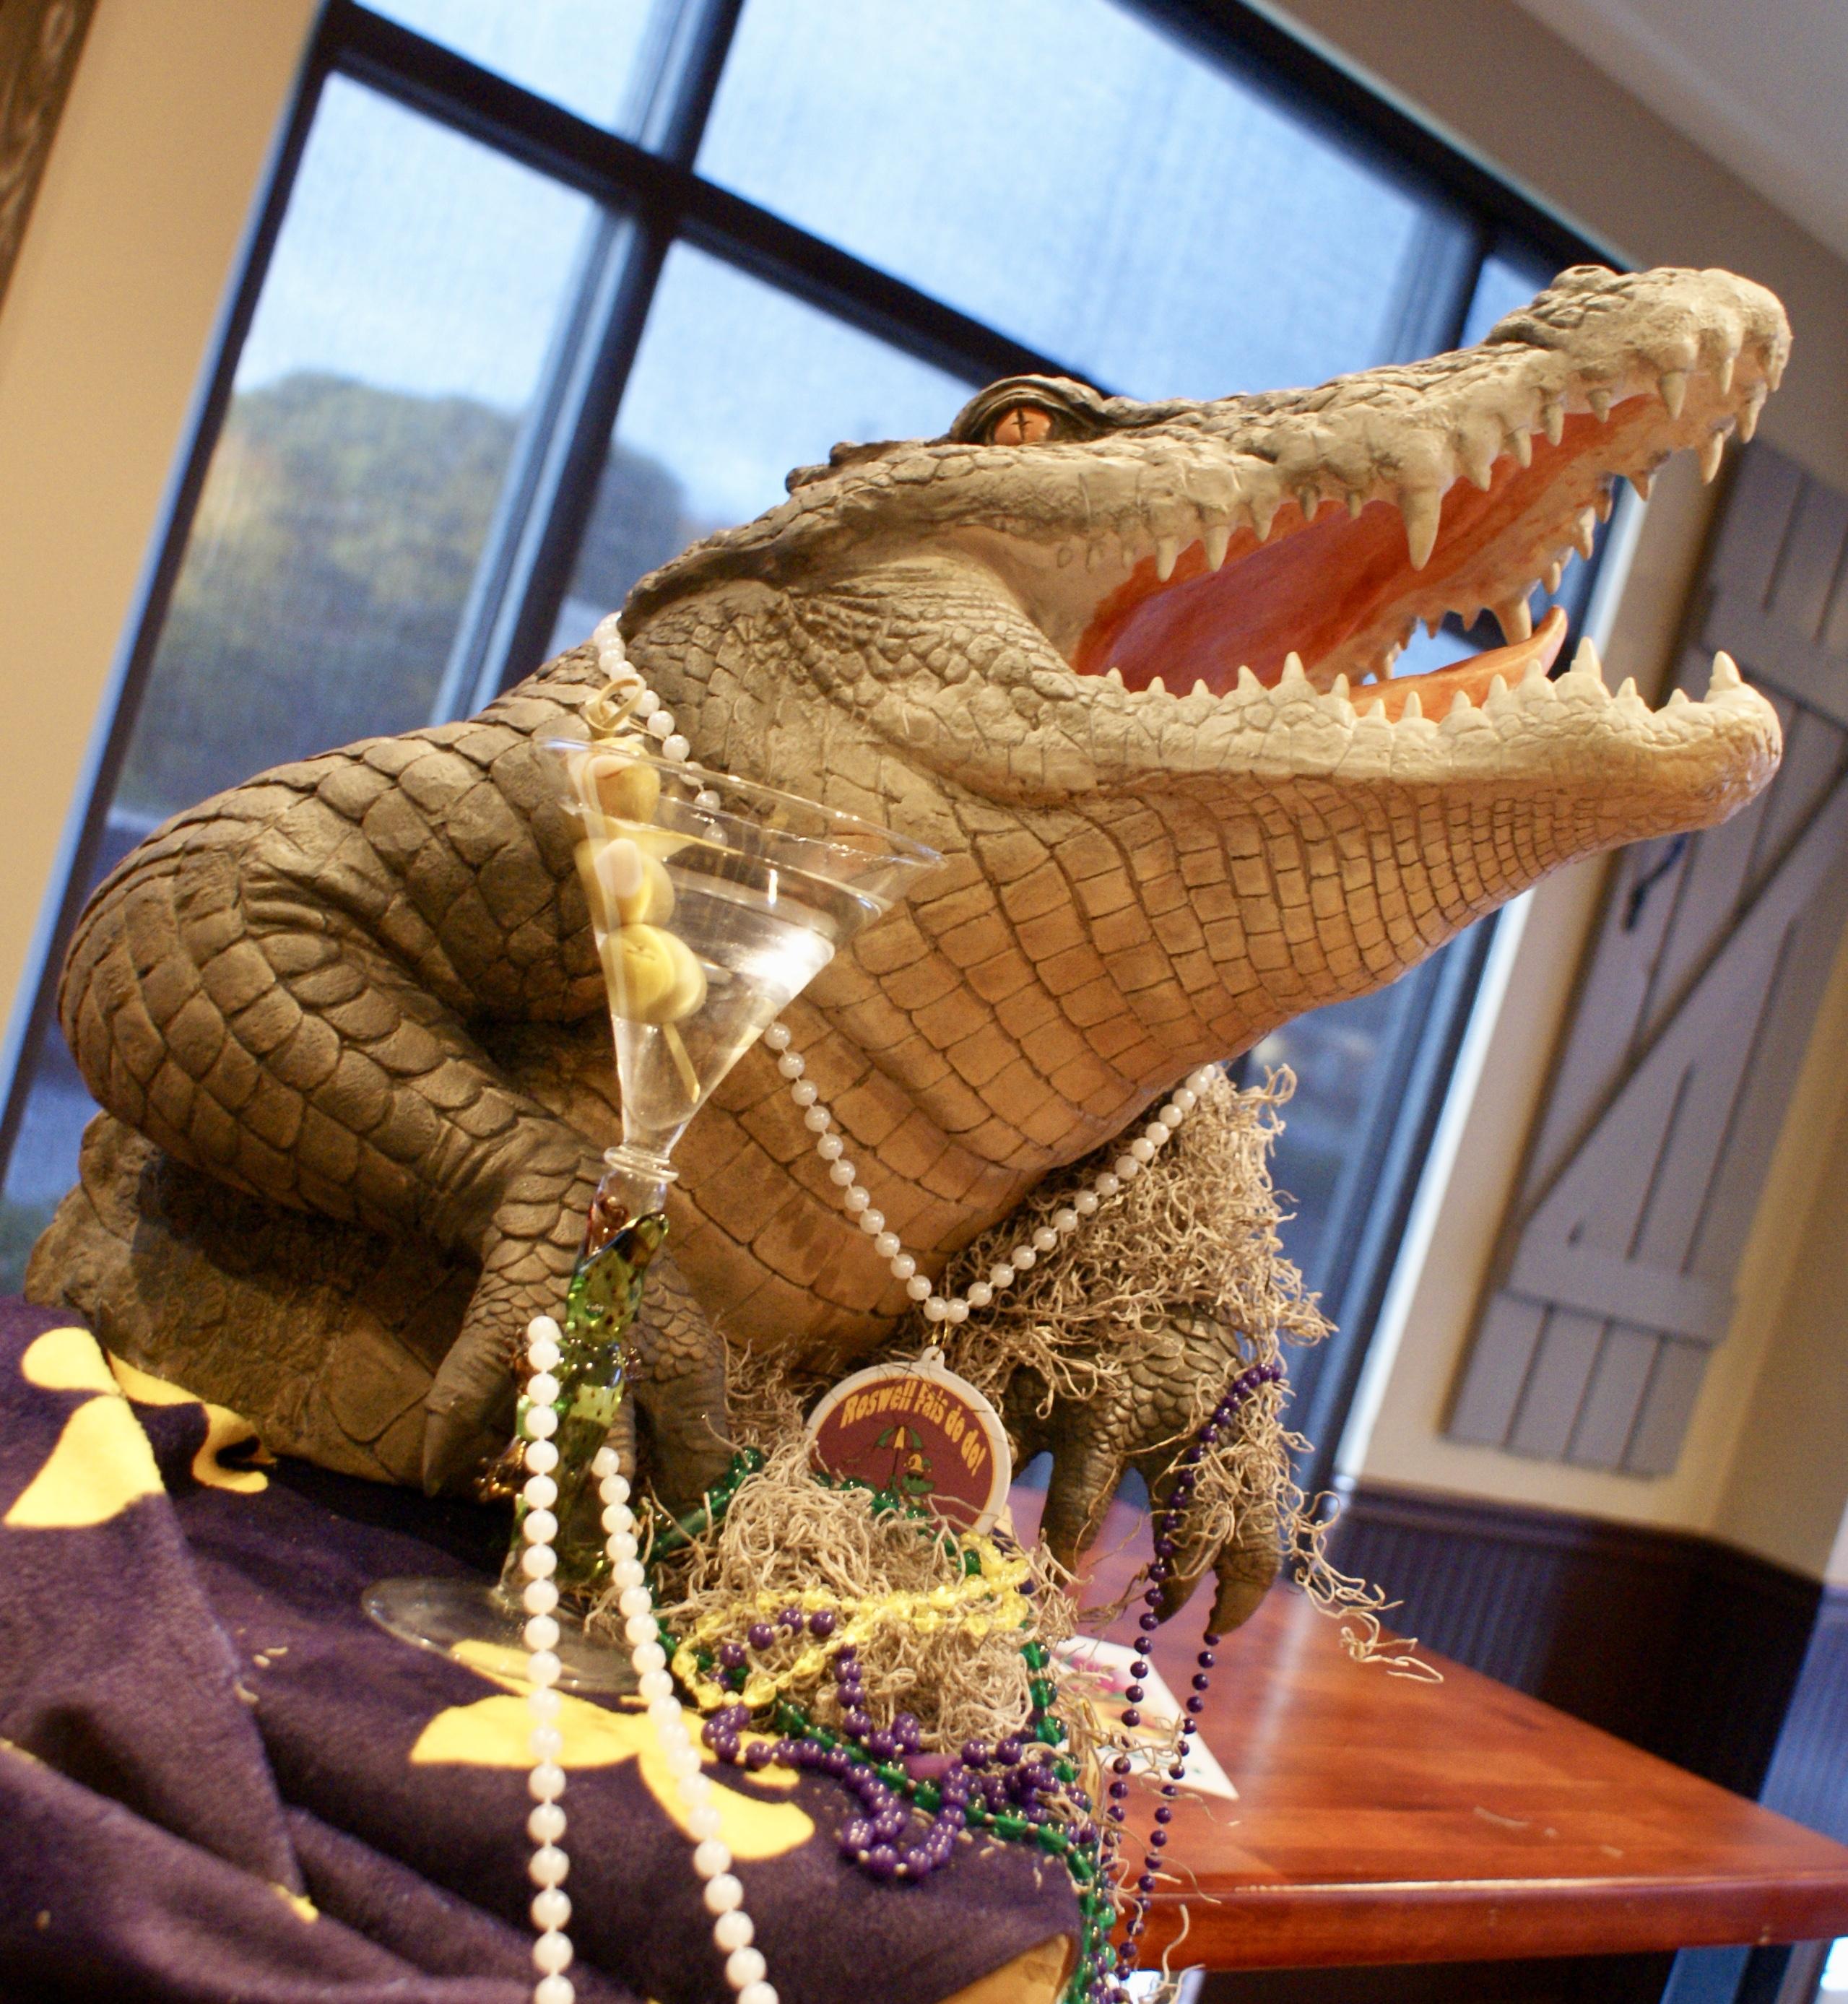 Boudreaux the Gator